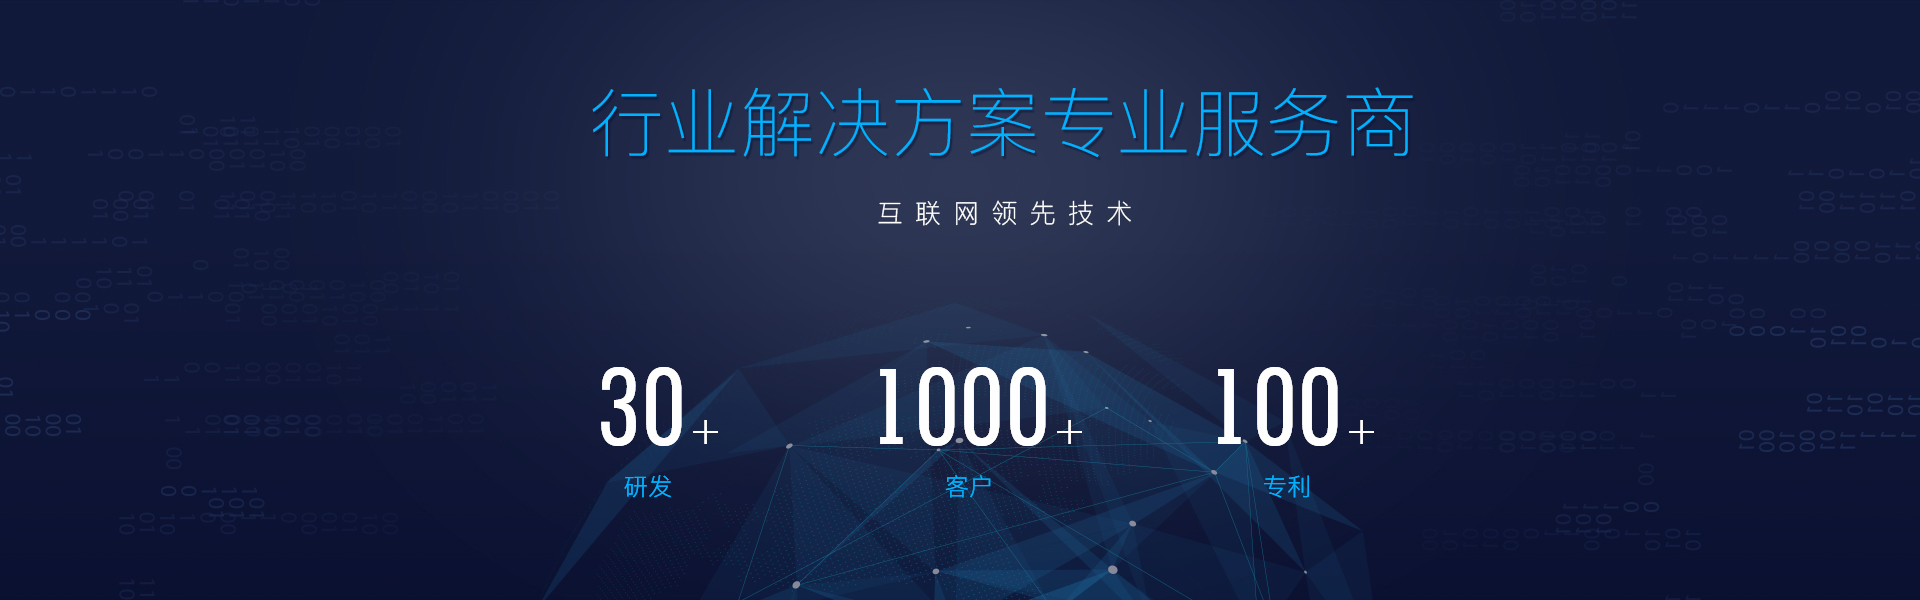 杭州网站制作